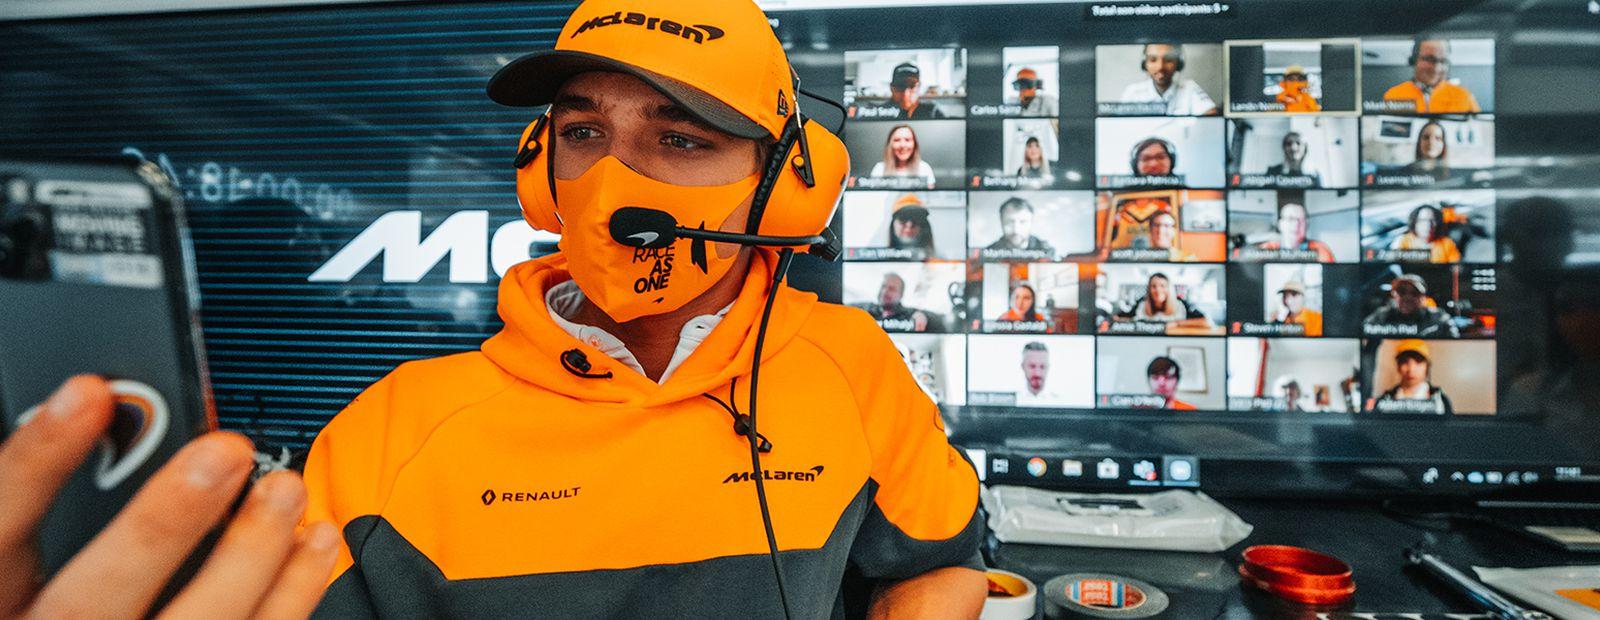 McLaren Plus Virtual Grandstand